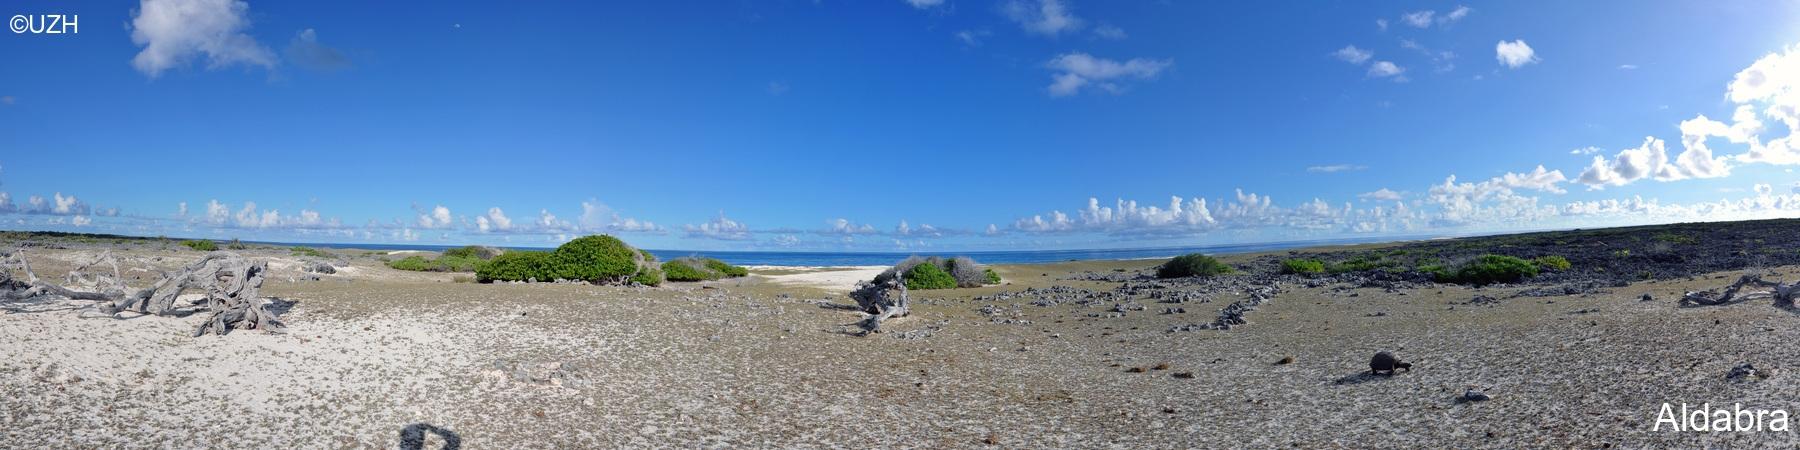 Aldabra3